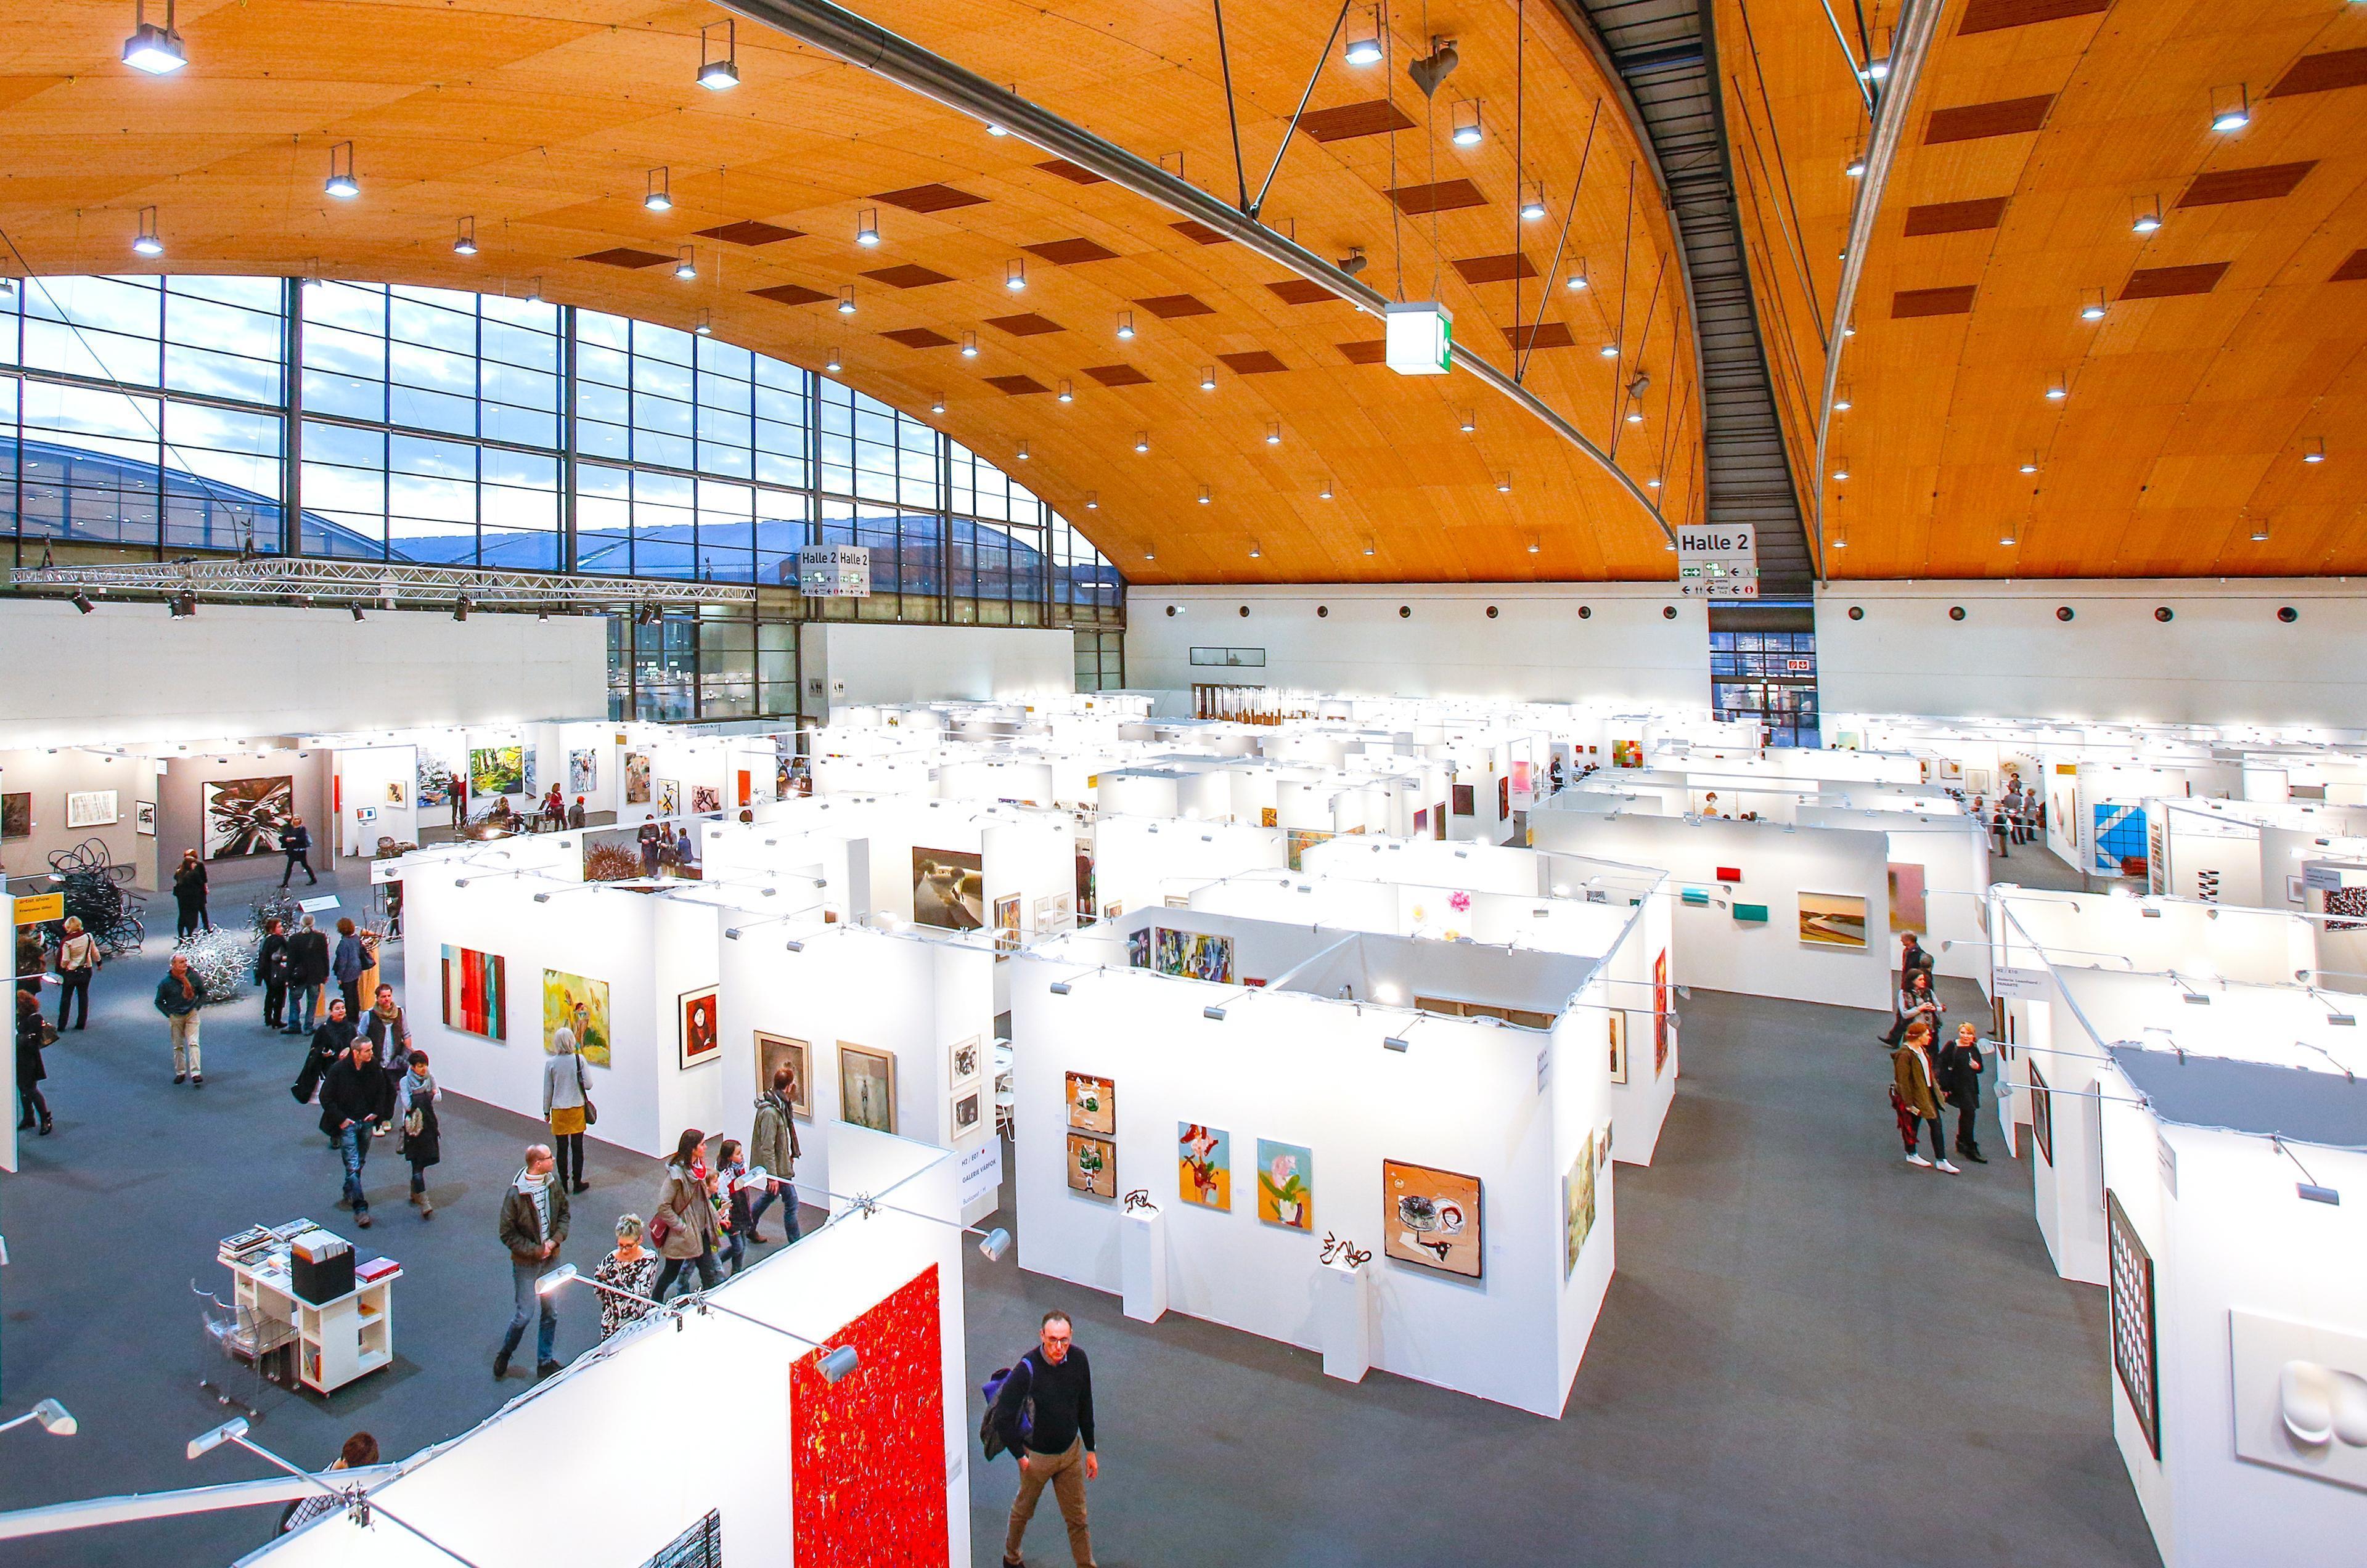 Messe Karlsruhe Halle 2, art KARLSRUHE 2017; Foto: Karlsruher Messe- und Kongress GmbH, Jürgen Rösner